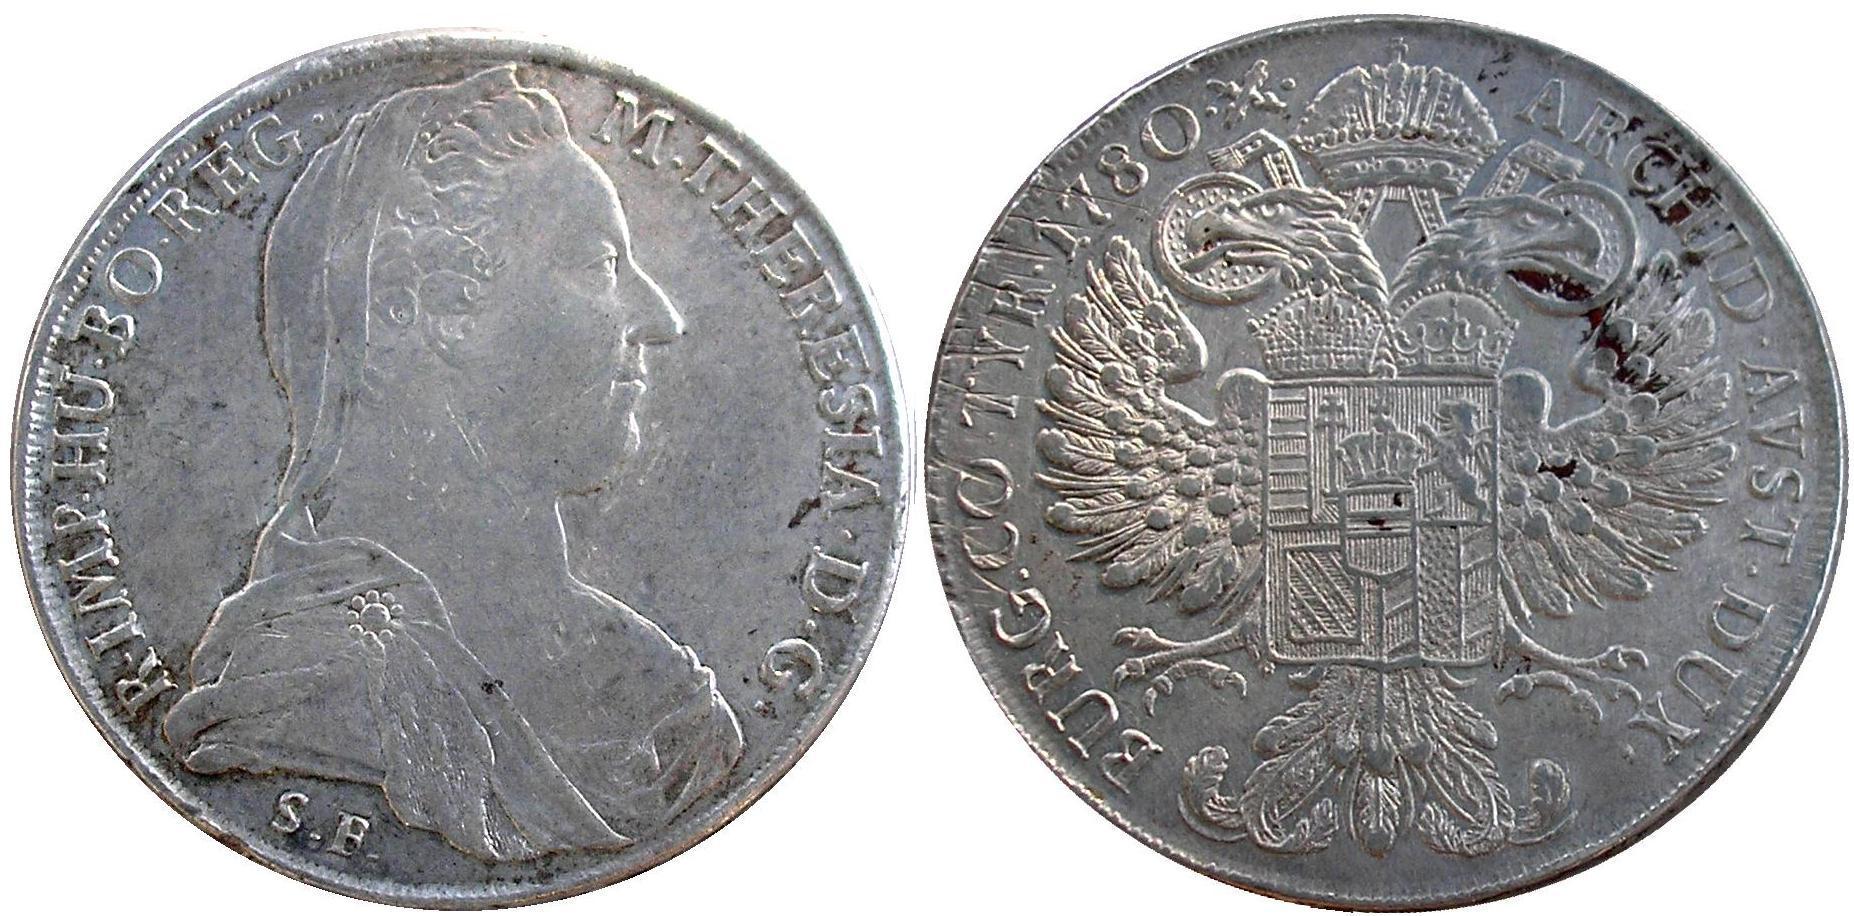 a489f6de84 Figura 4: due esemplari della zecca di Venezia, il differente piumaggio  delle ali permette di inquadrarli in epoche differenti, tuttavia entrambi  presentano ...